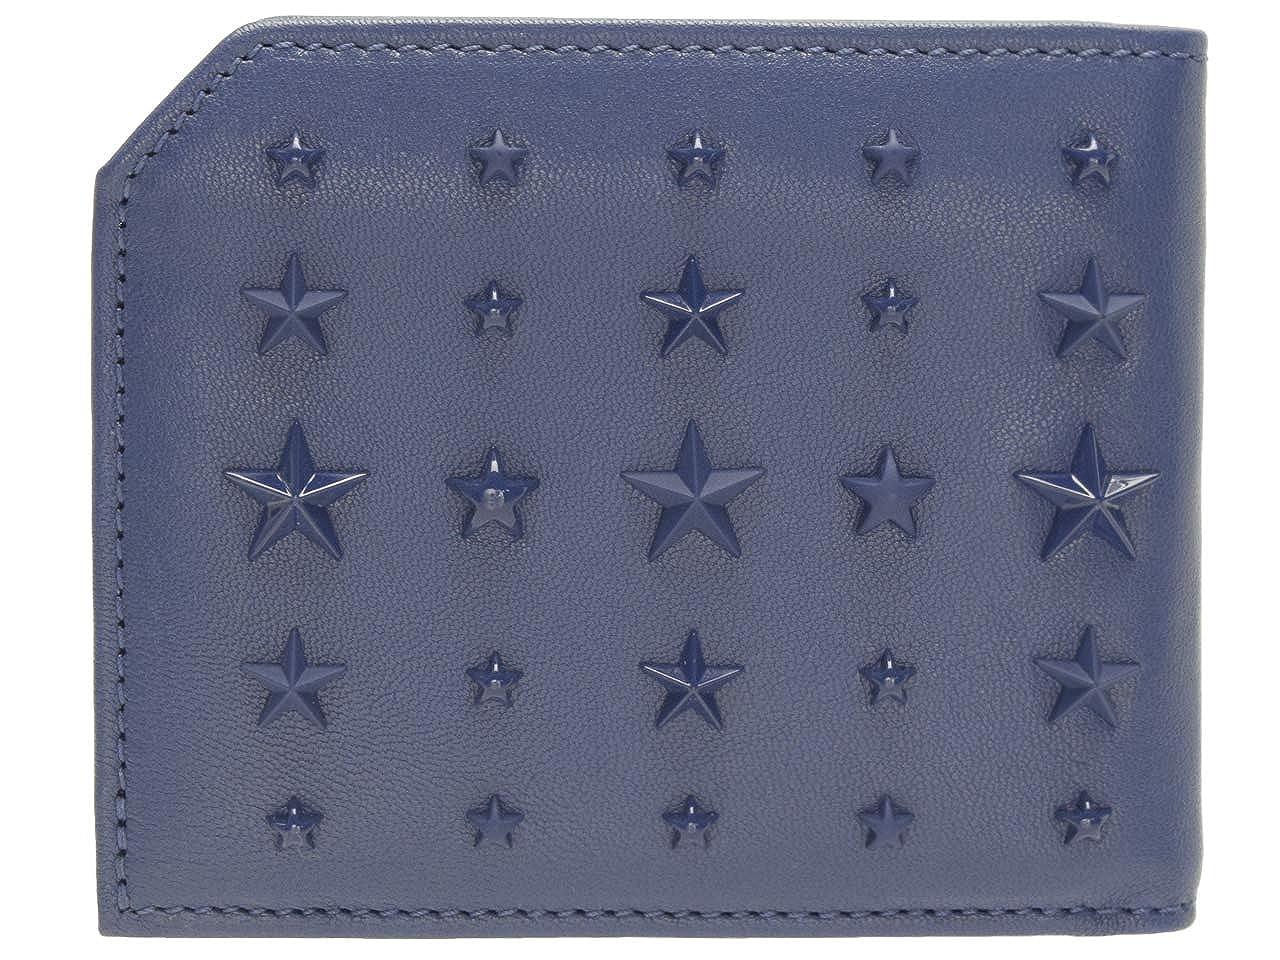 (ジミーチュウ) JIMMY CHOO 財布 二つ折り メンズ スター 星 albany [並行輸入品] B07ND6882Q オーシャンブルー